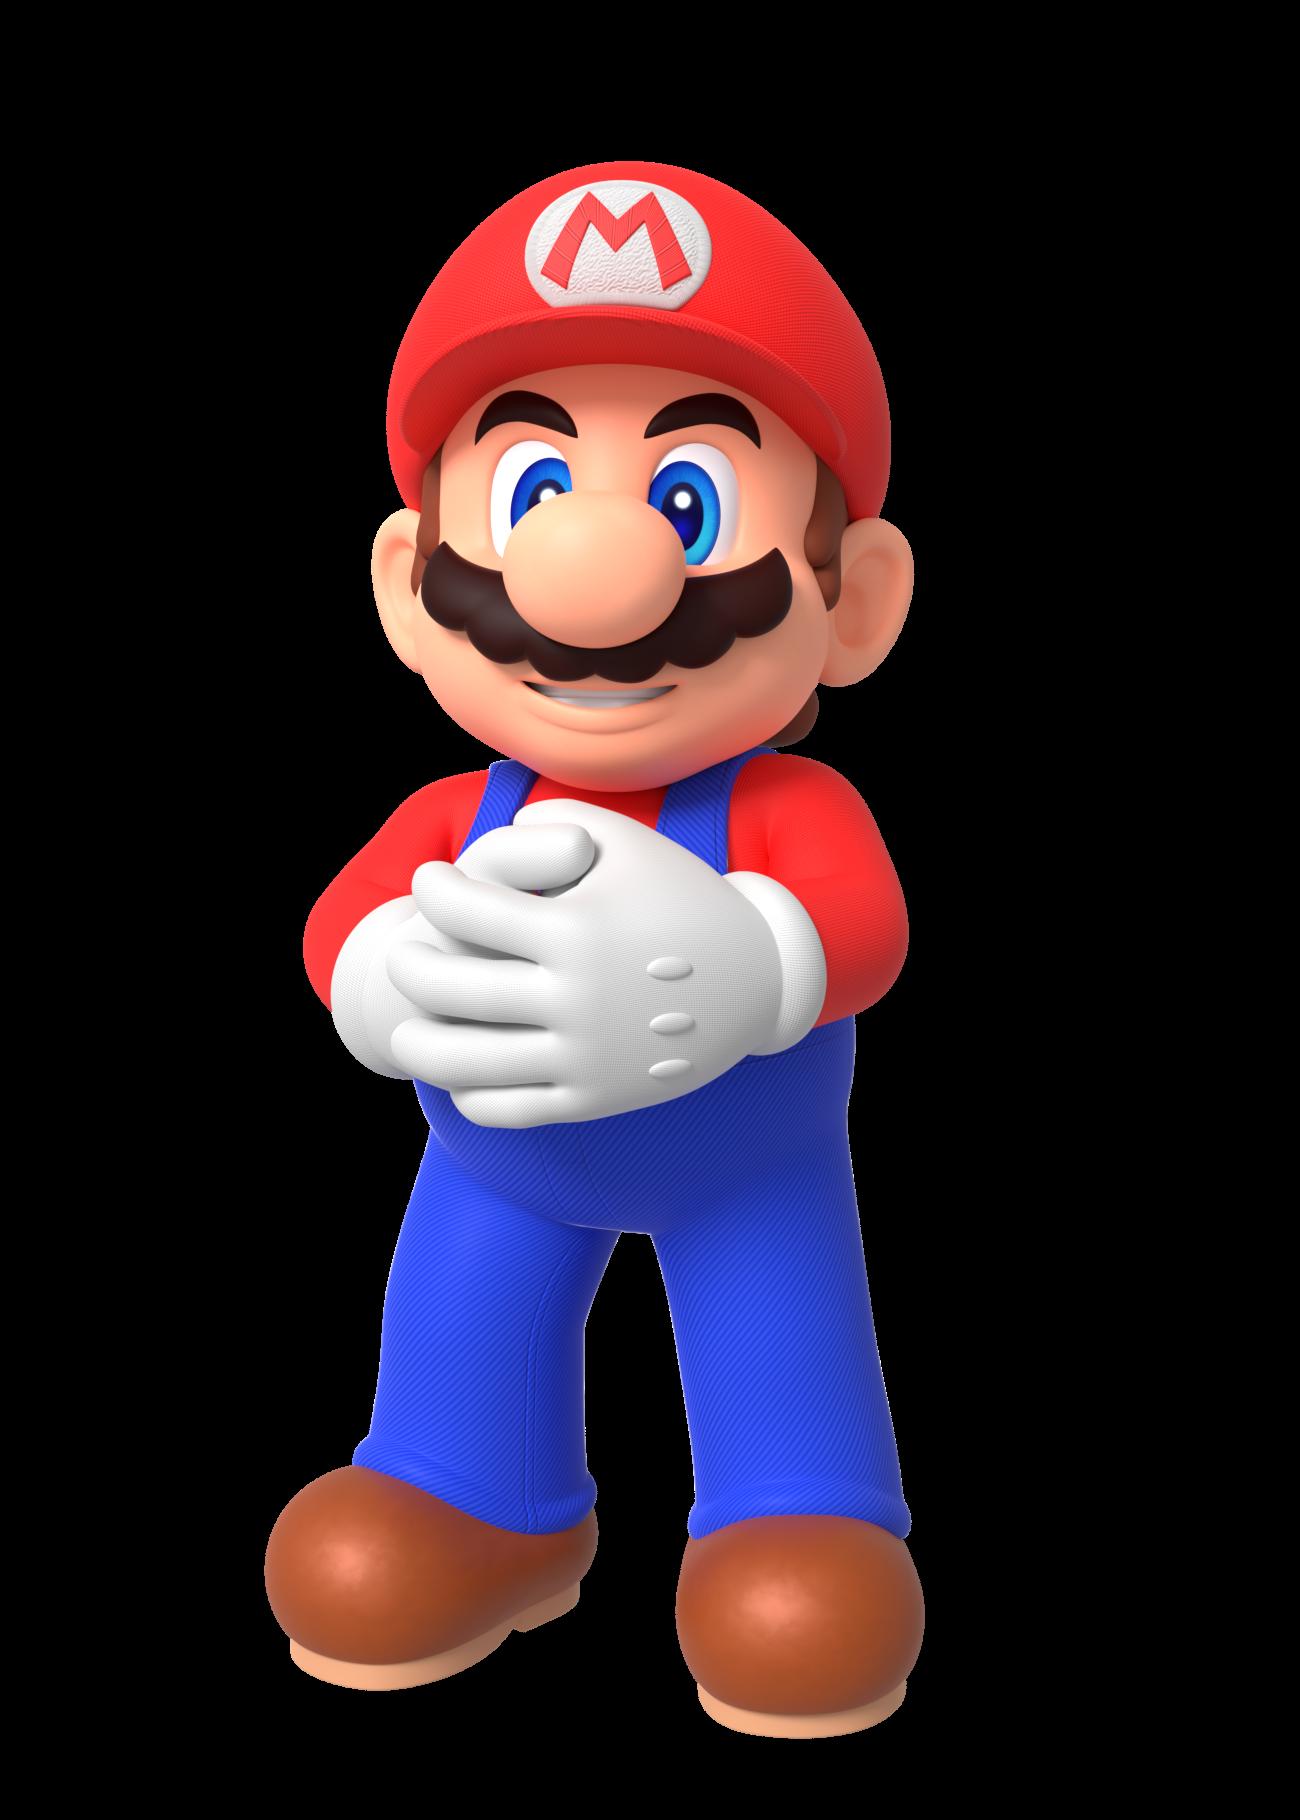 Mario You Know I Had To Do It To Em Render By Nintega Dario On Deviantart Mario Super Mario Bros Mario Bros